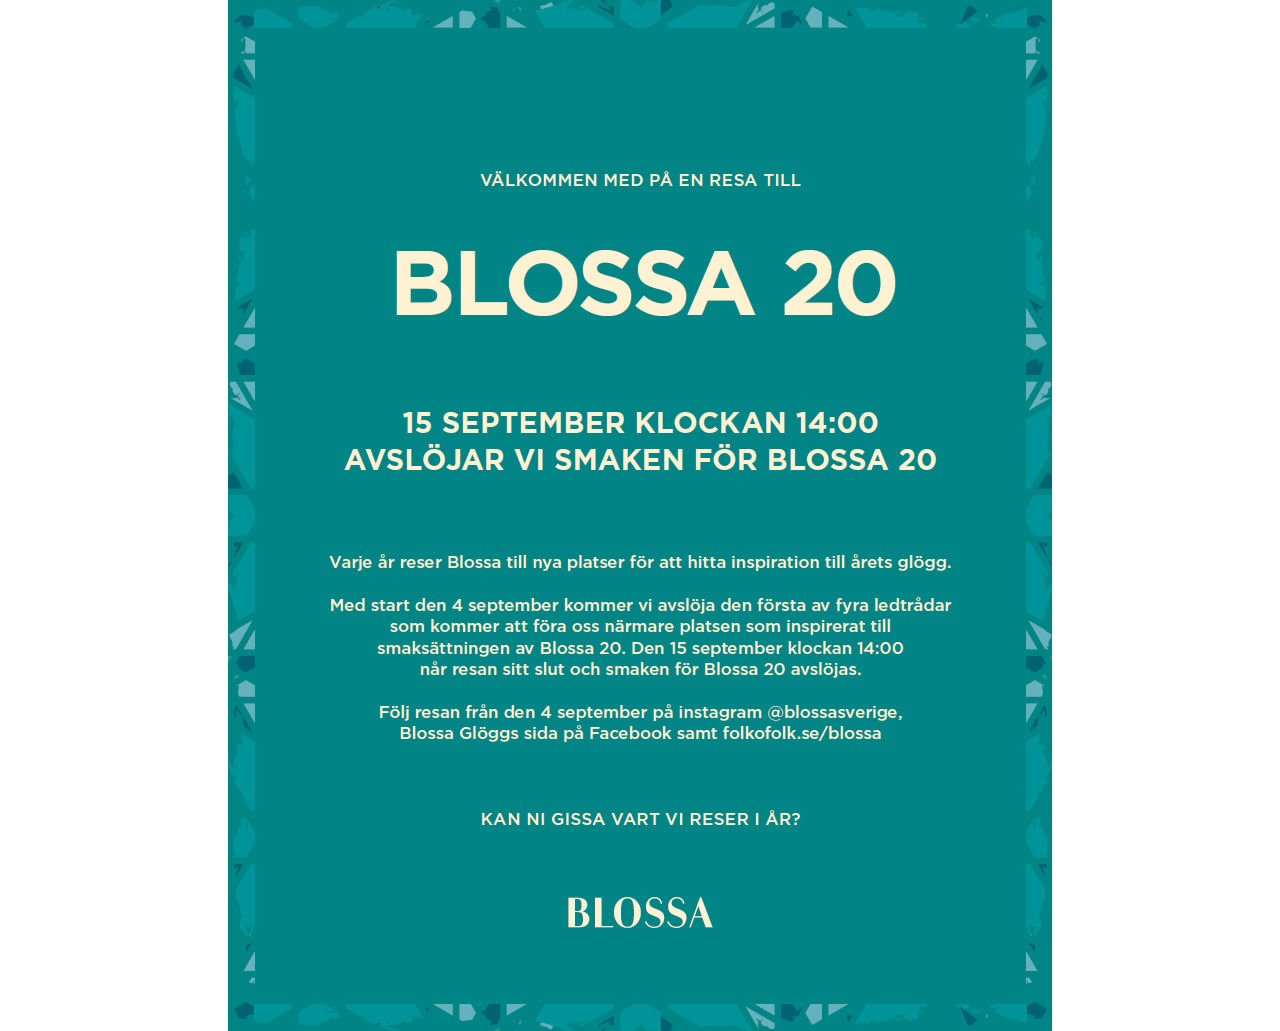 Snart presenterar Blossa årets smak